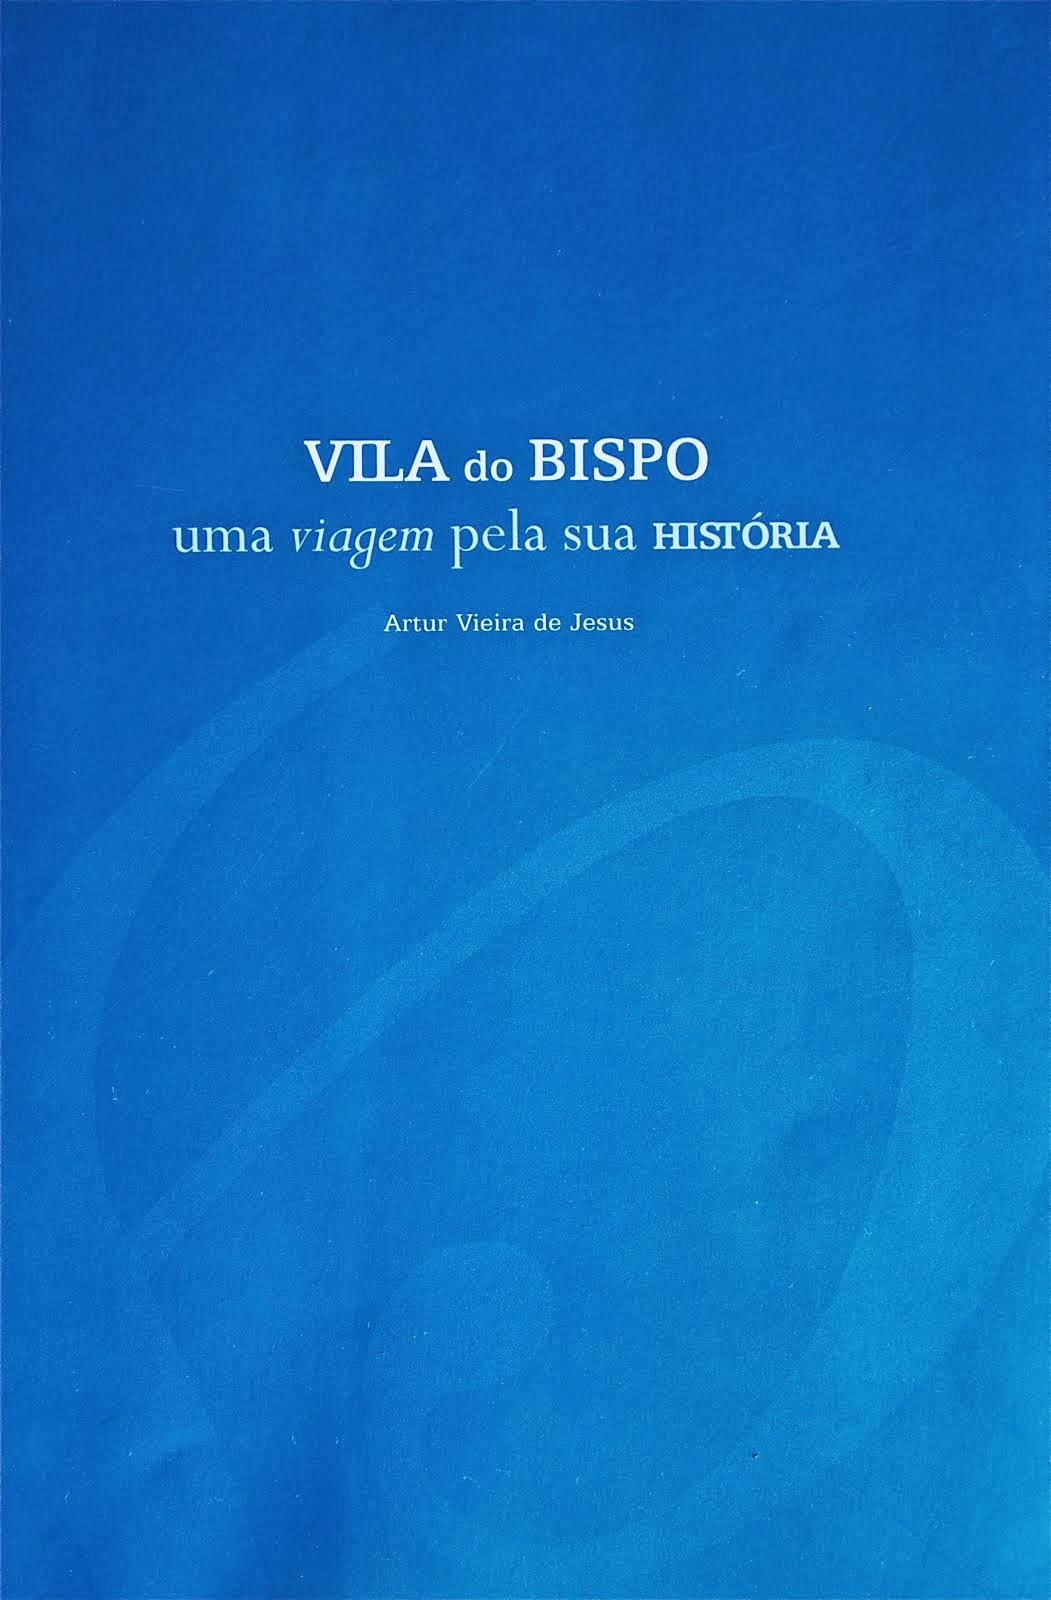 Vila do Bispo - uma viagem pela sua História